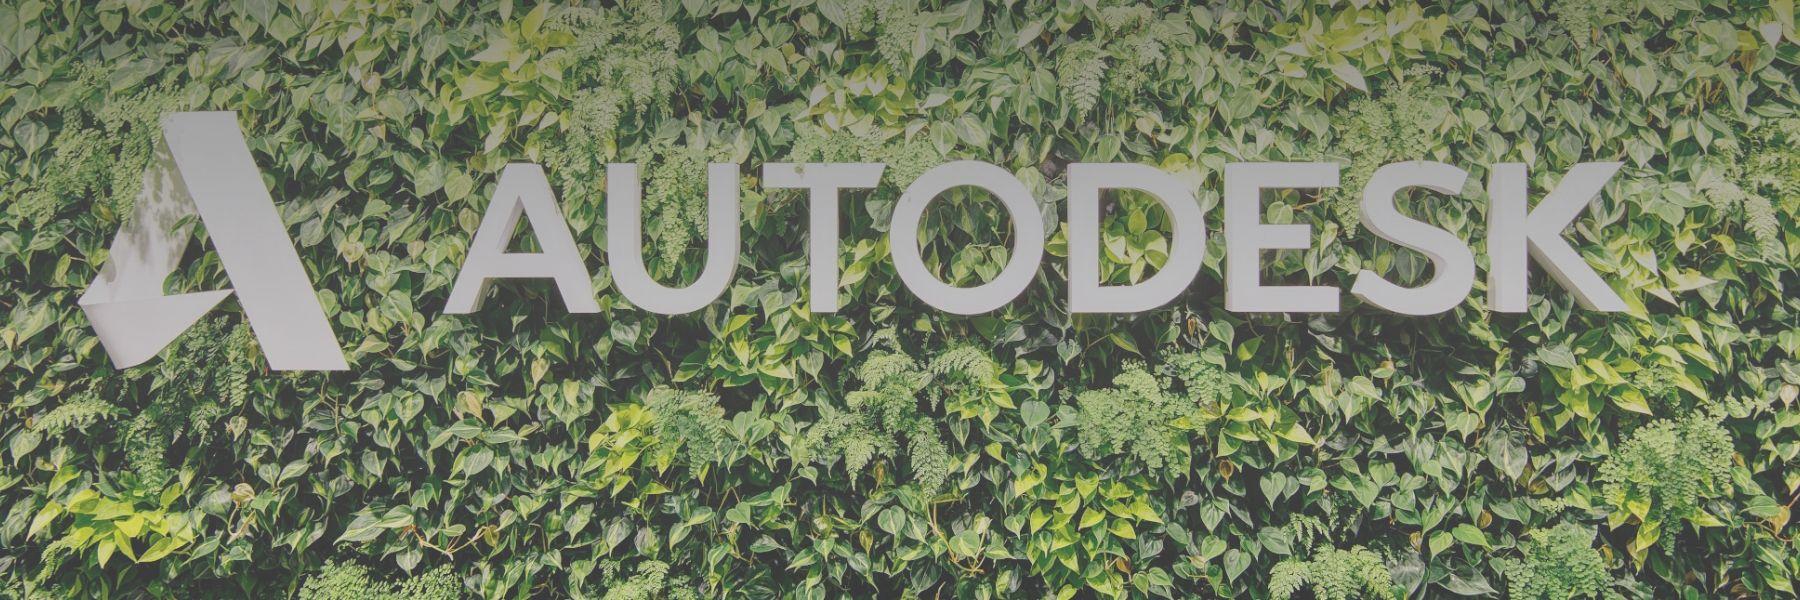 Covid19: Autodesk Facilita lo SmartWorking e la Collaborazione Cloud